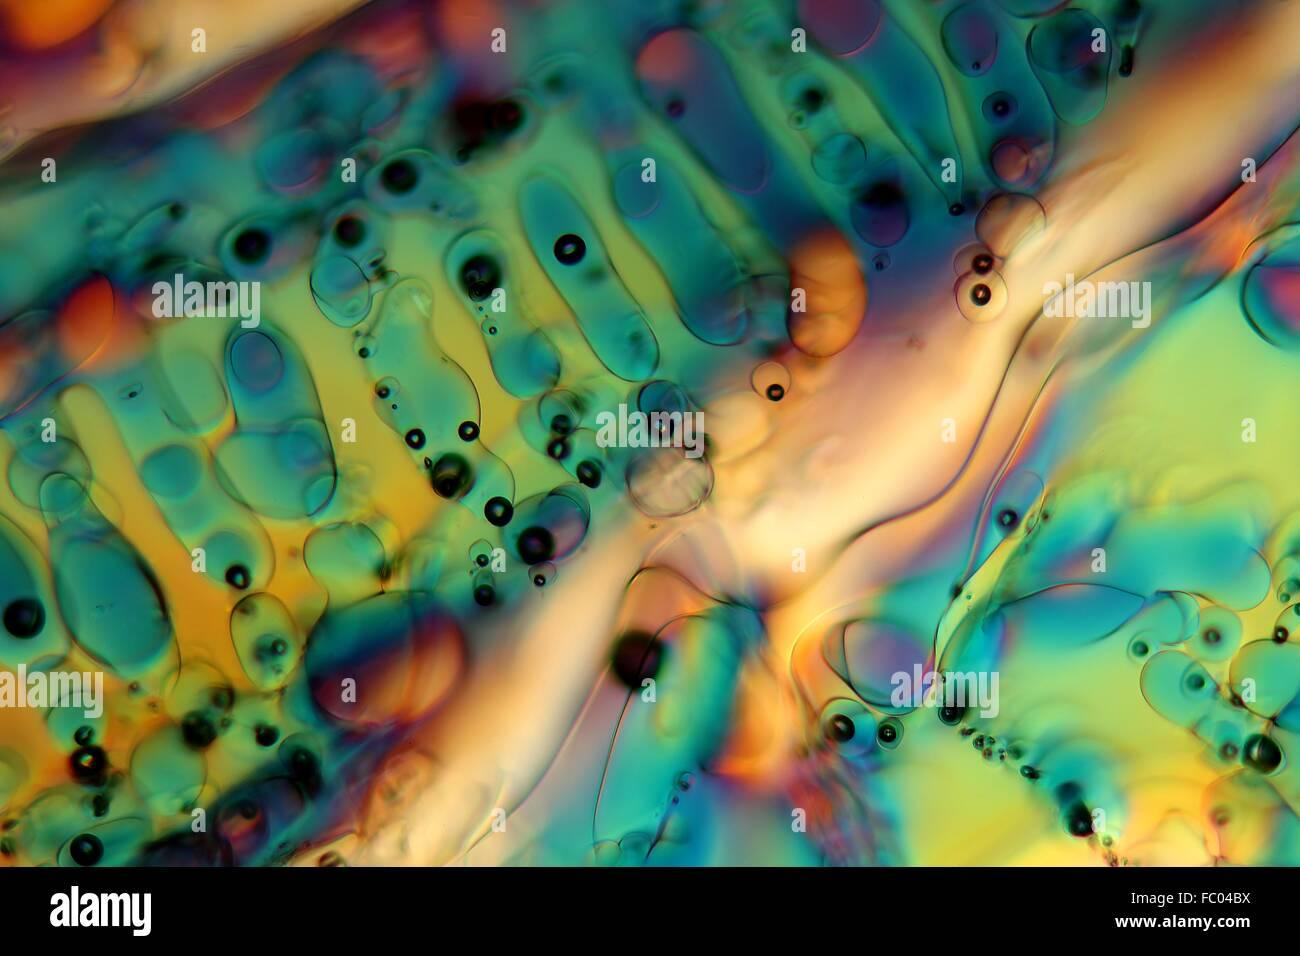 Los cristales de hielo bajo el microscopio. Imagen De Stock